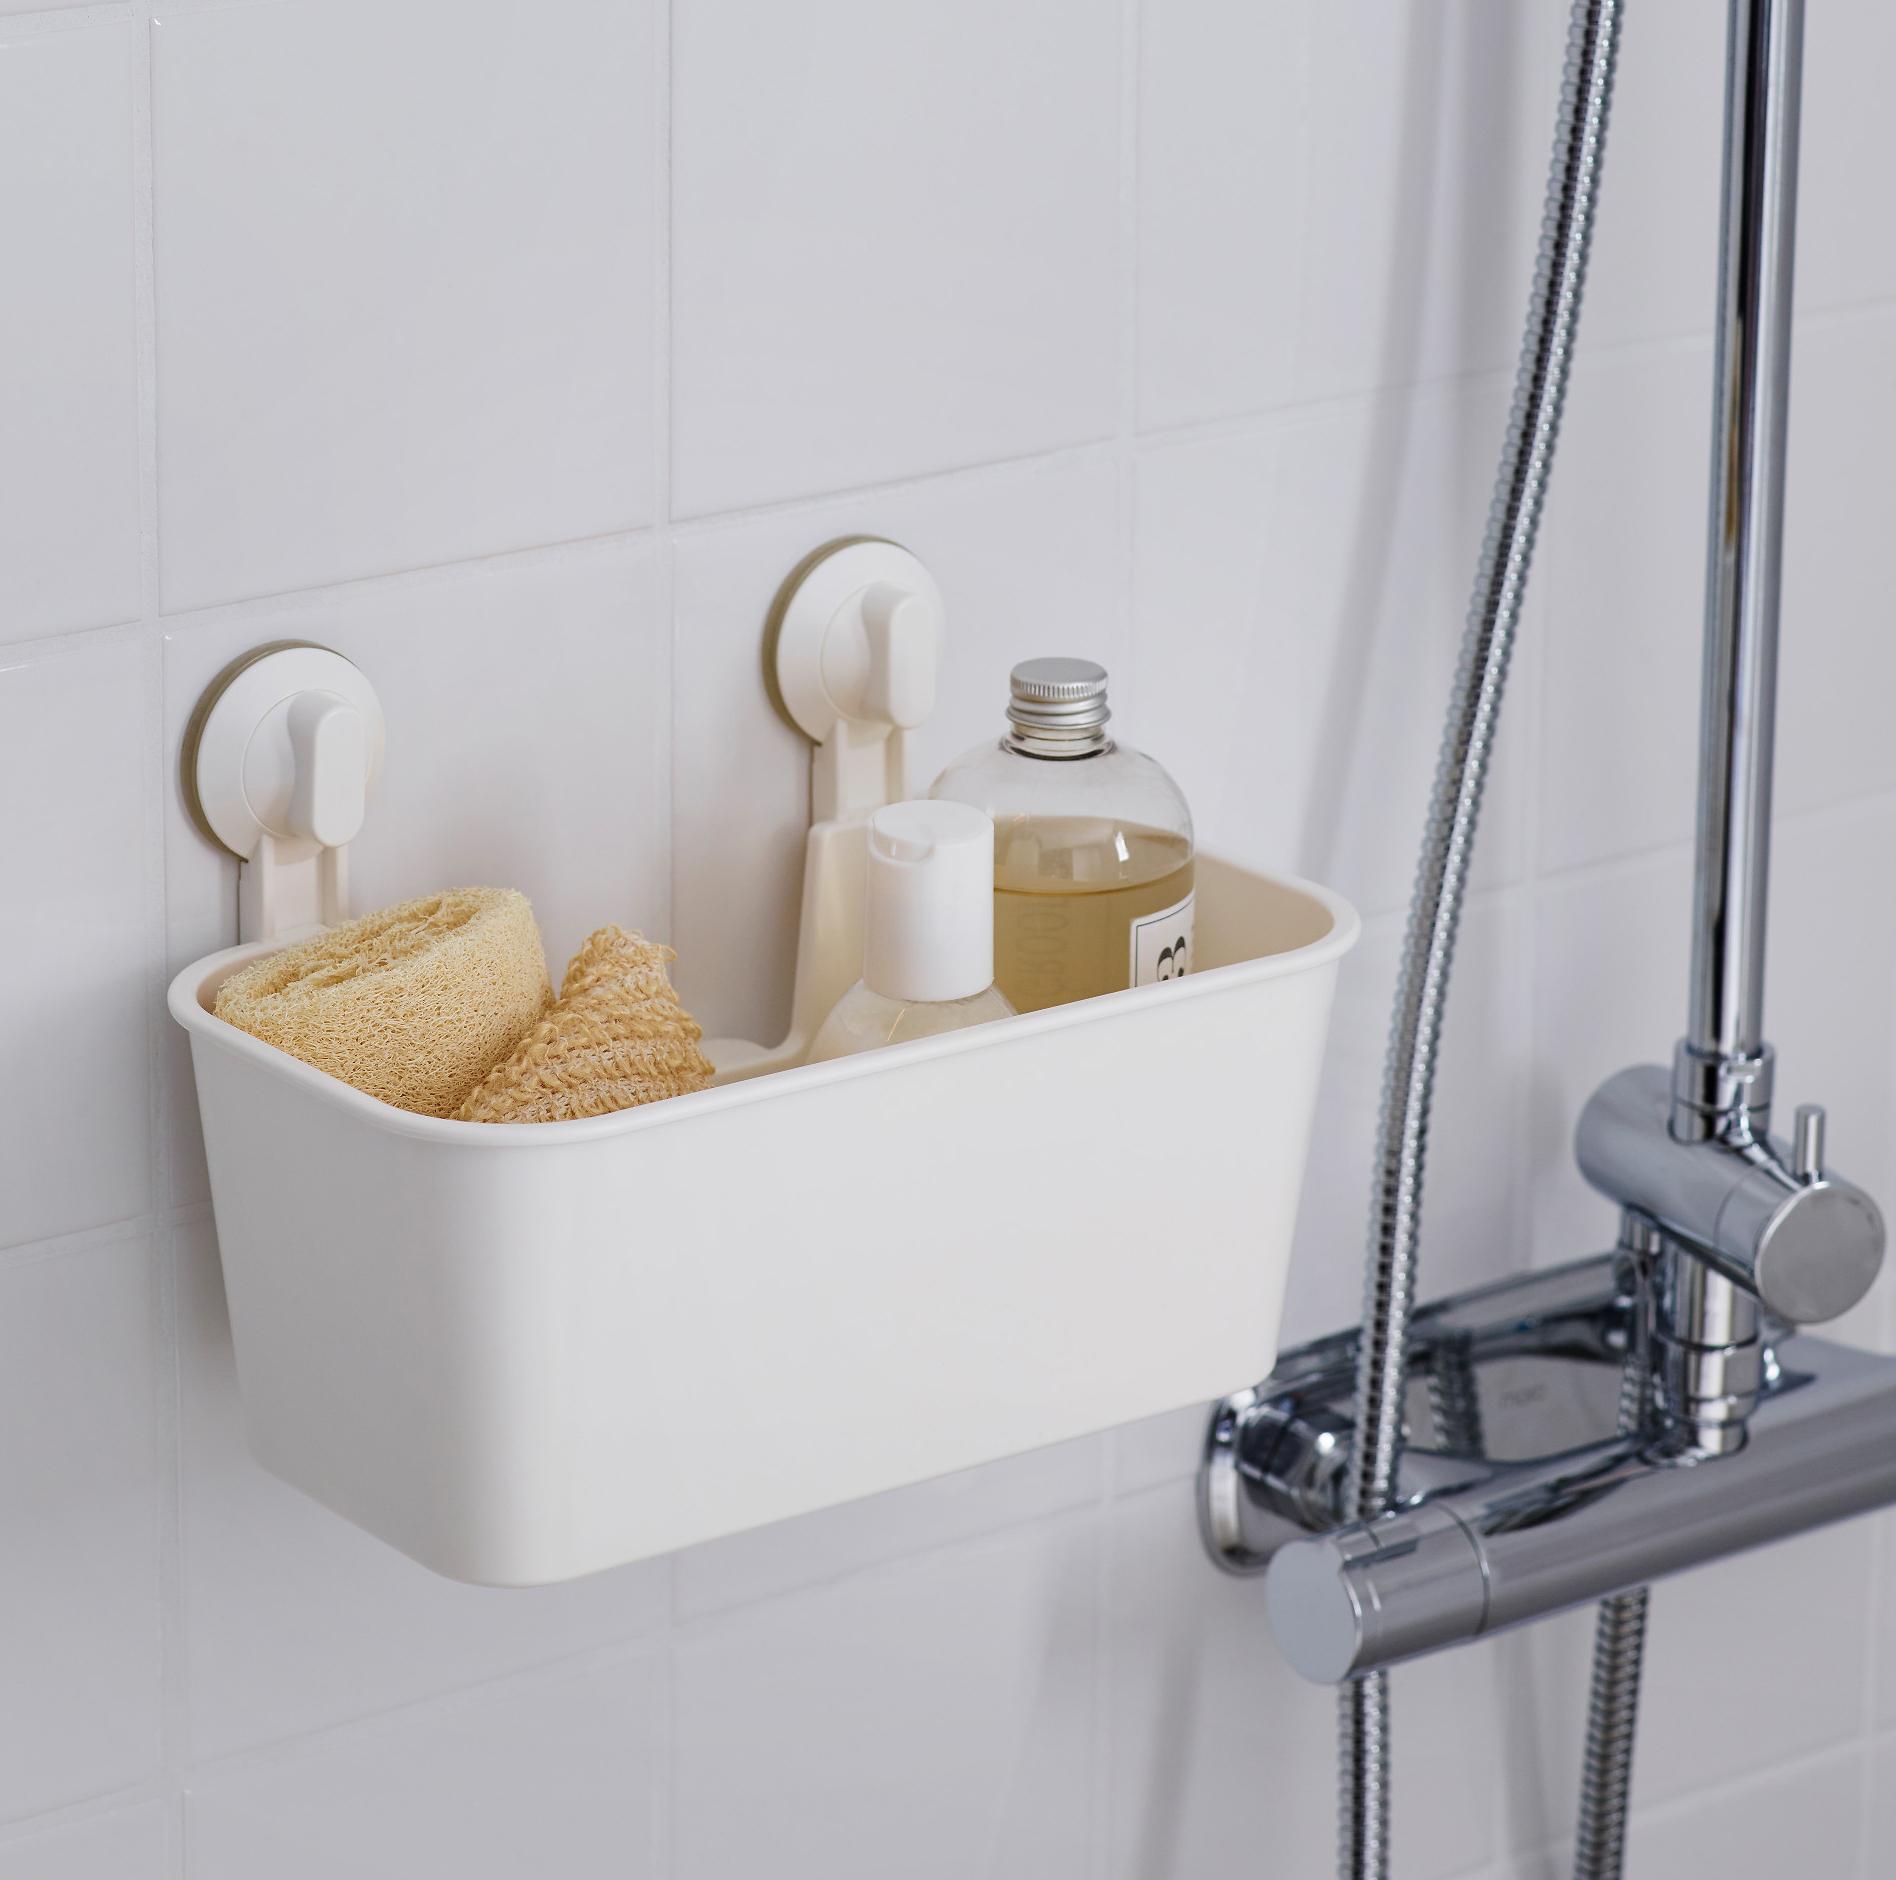 Белая корзинка с присосками для ванной